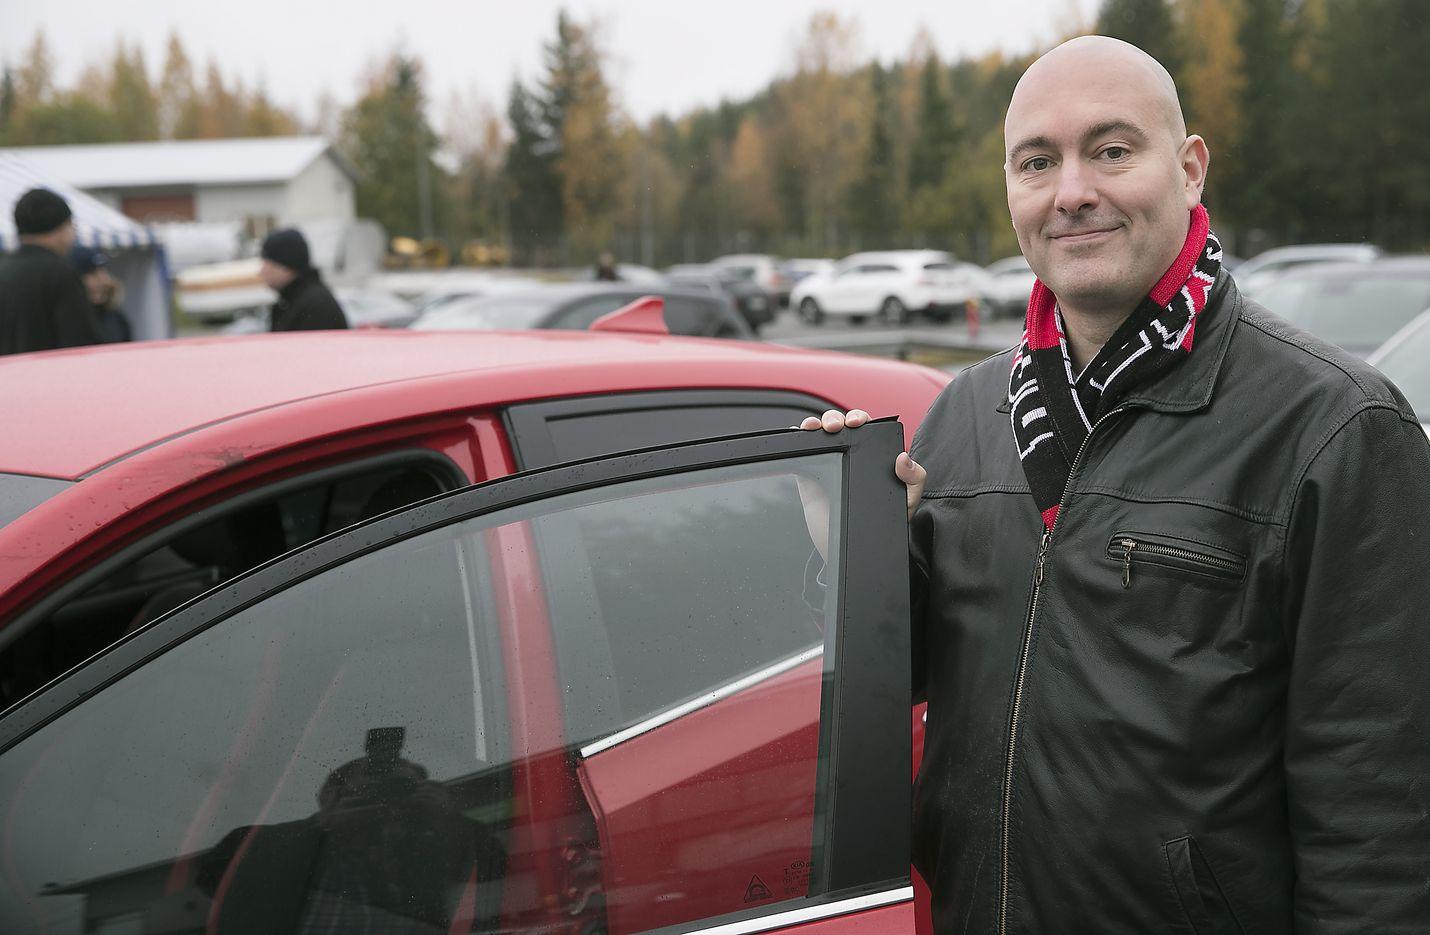 Kansanedustaja Ari Jalonen on toiminut eduskunnassa liikennevaliokunnan puheenjohtajana.